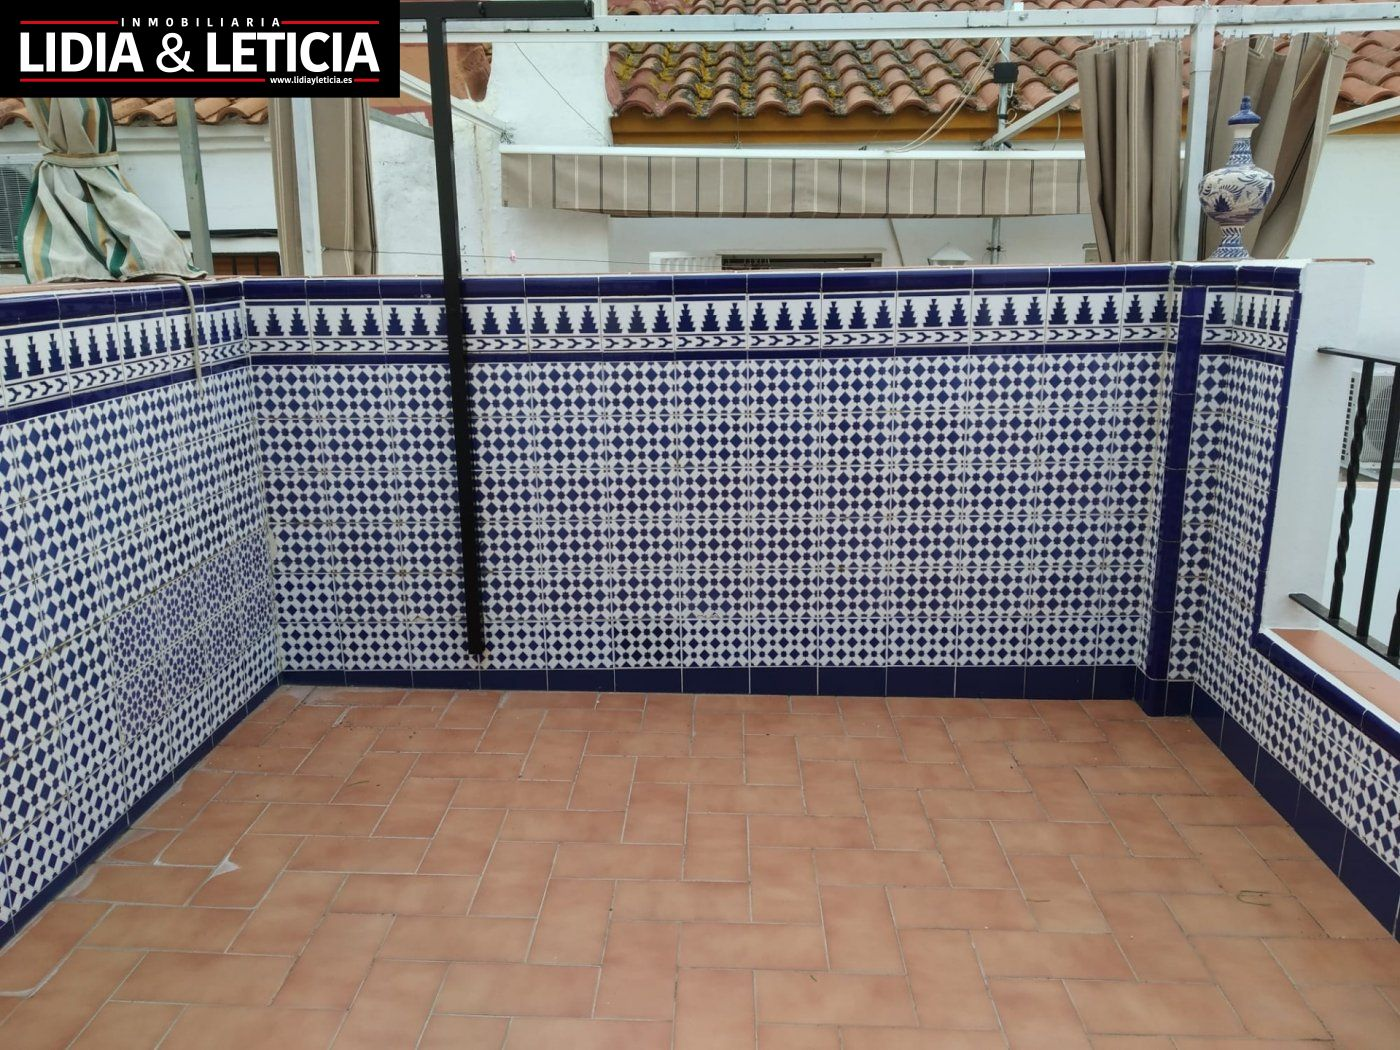 Casa · Alcala De Guadaira · Centro 600€ MES€